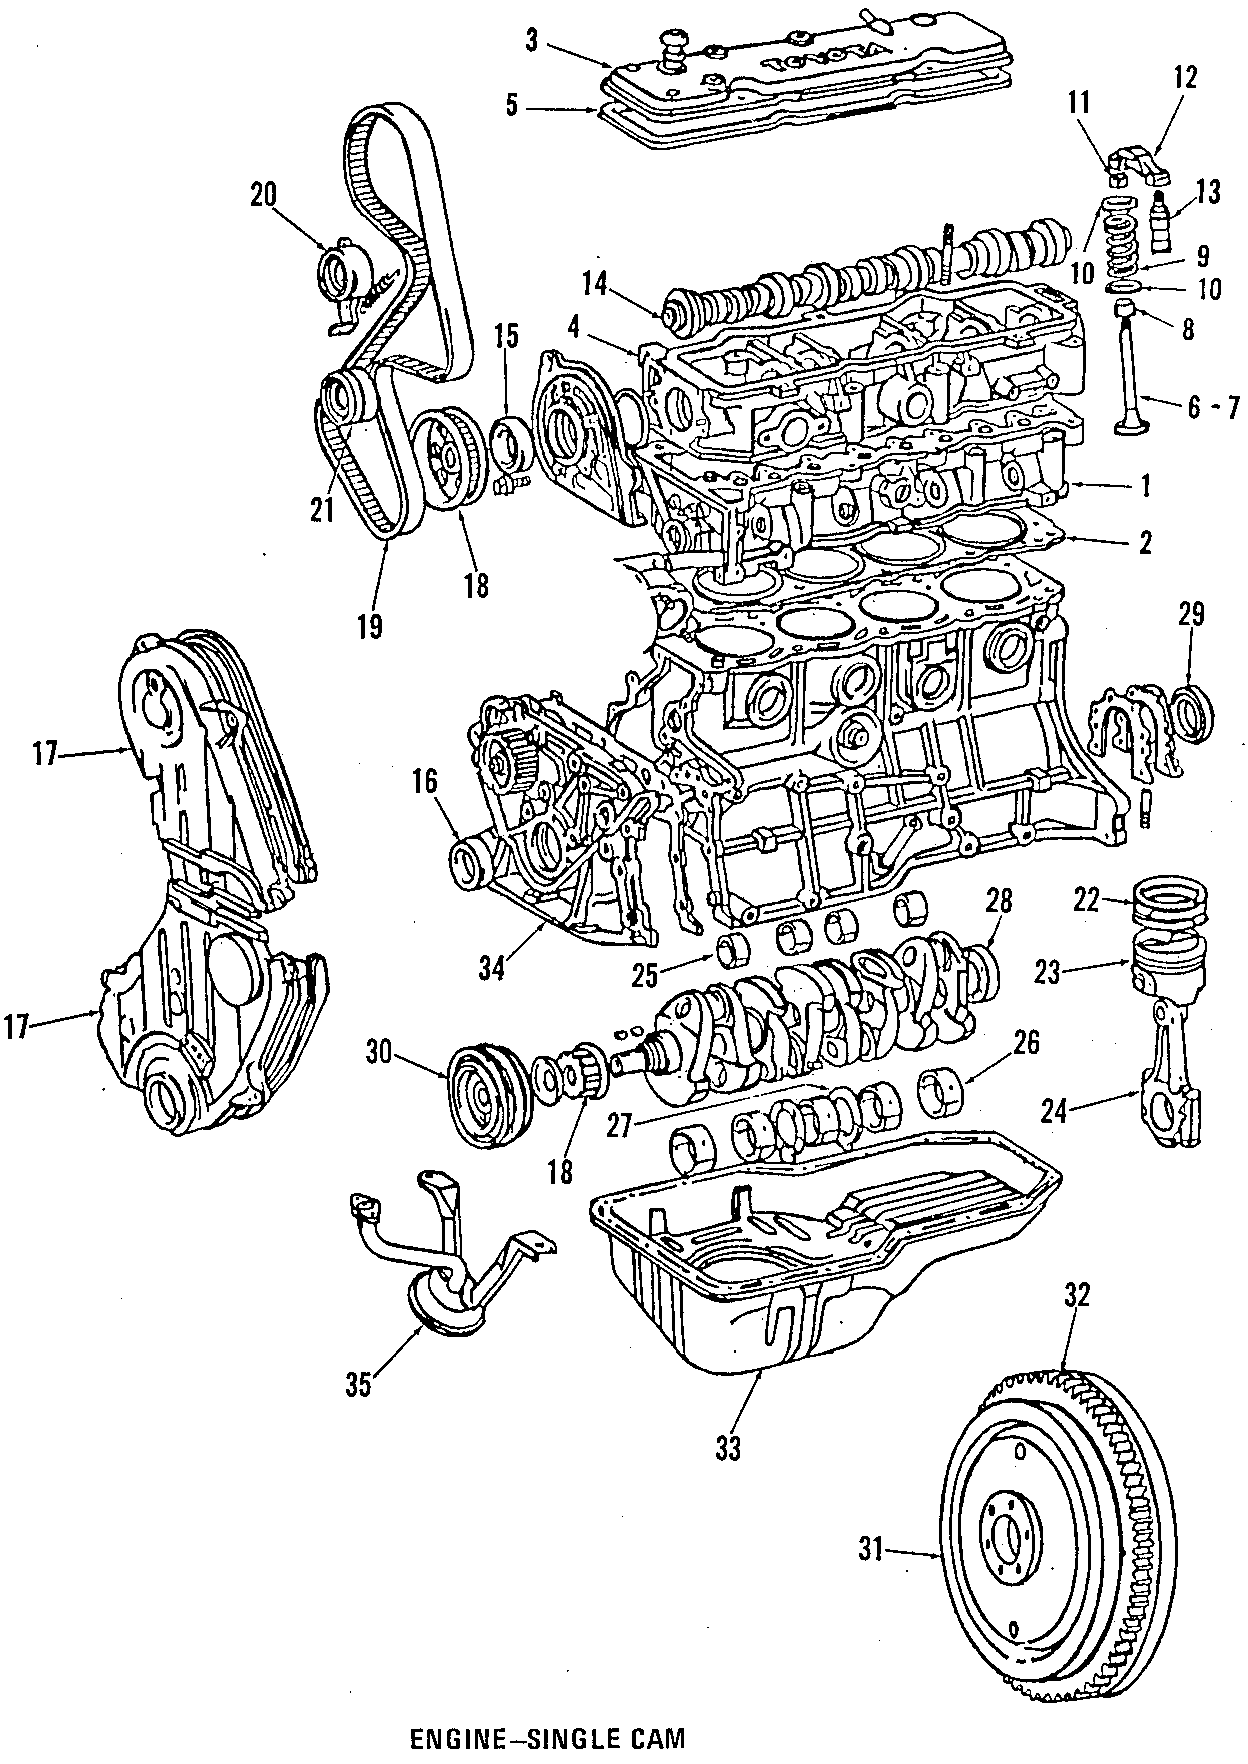 Toyota Celica Engine Timing Camshaft Sprocket. Camry